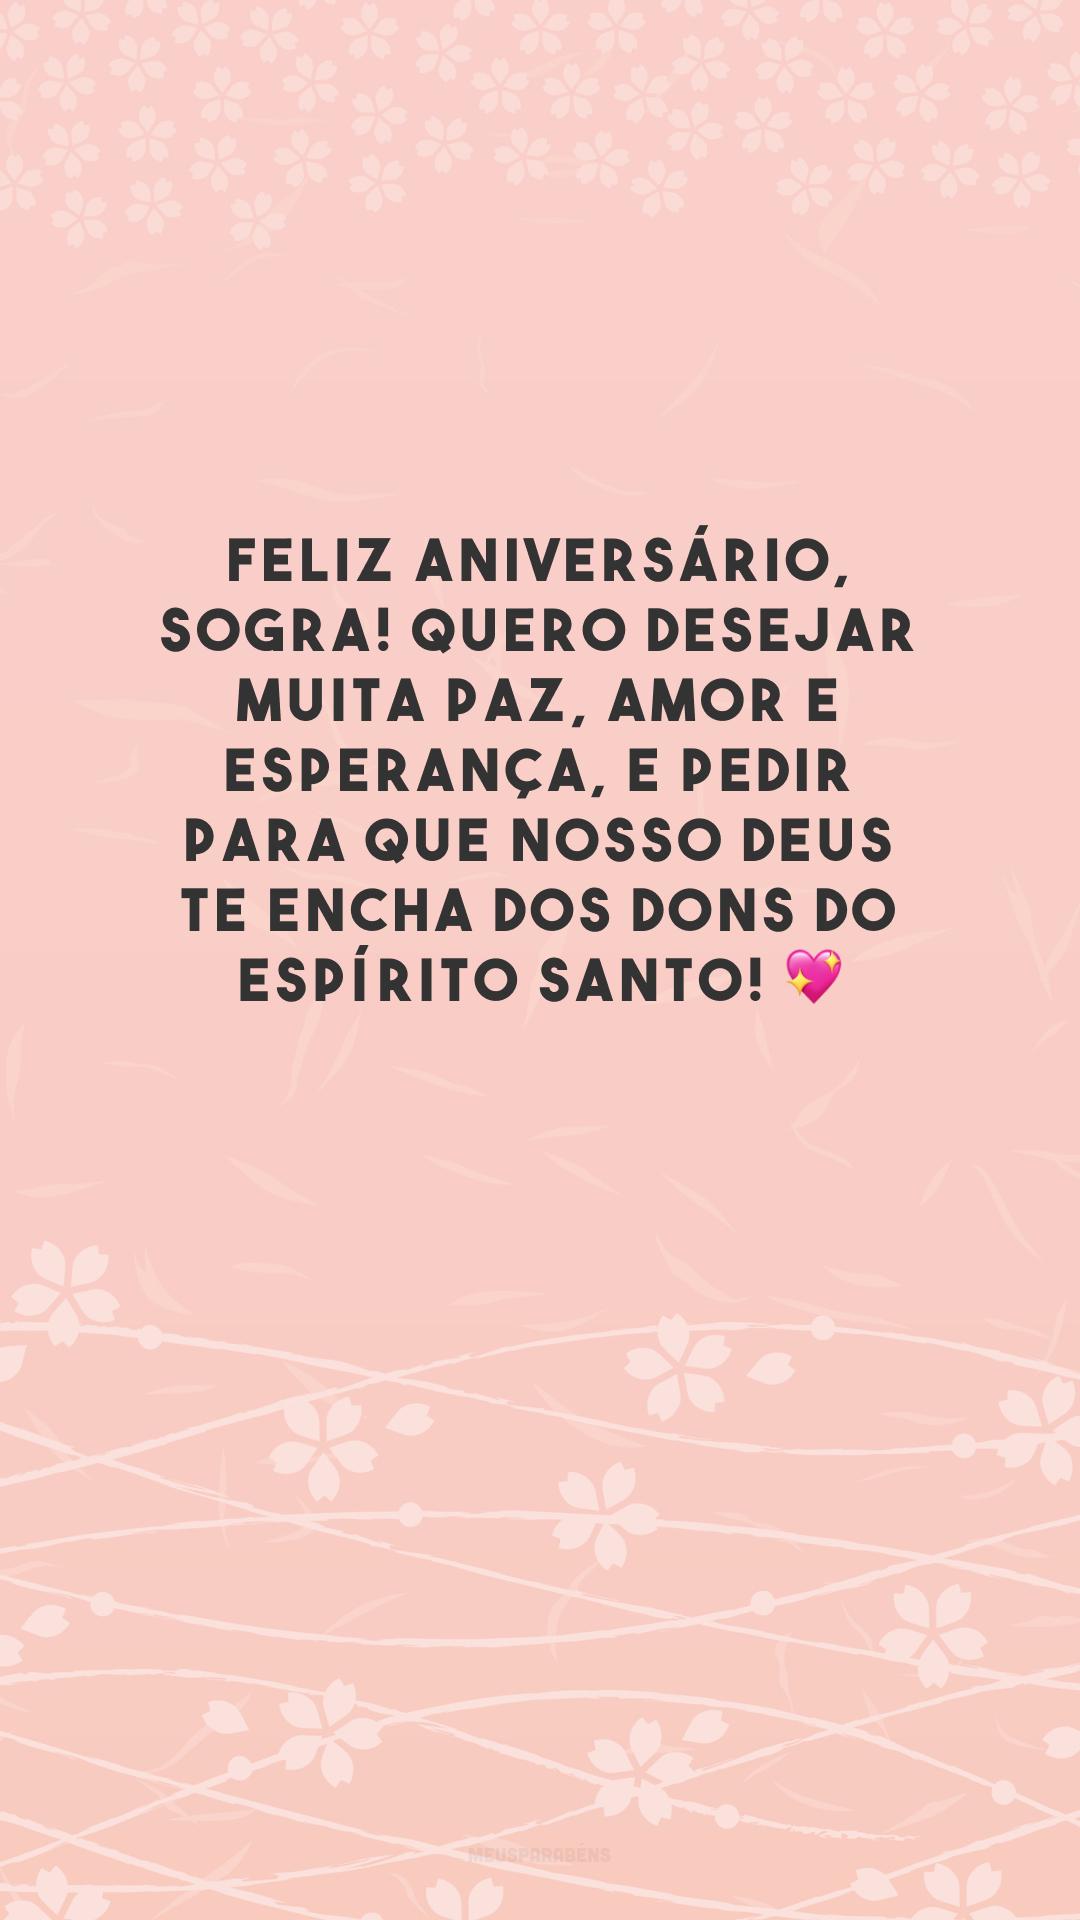 Feliz aniversário, sogra! Quero desejar muita paz, amor e esperança, e pedir para que nosso Deus te encha dos dons do Espírito Santo! 💖